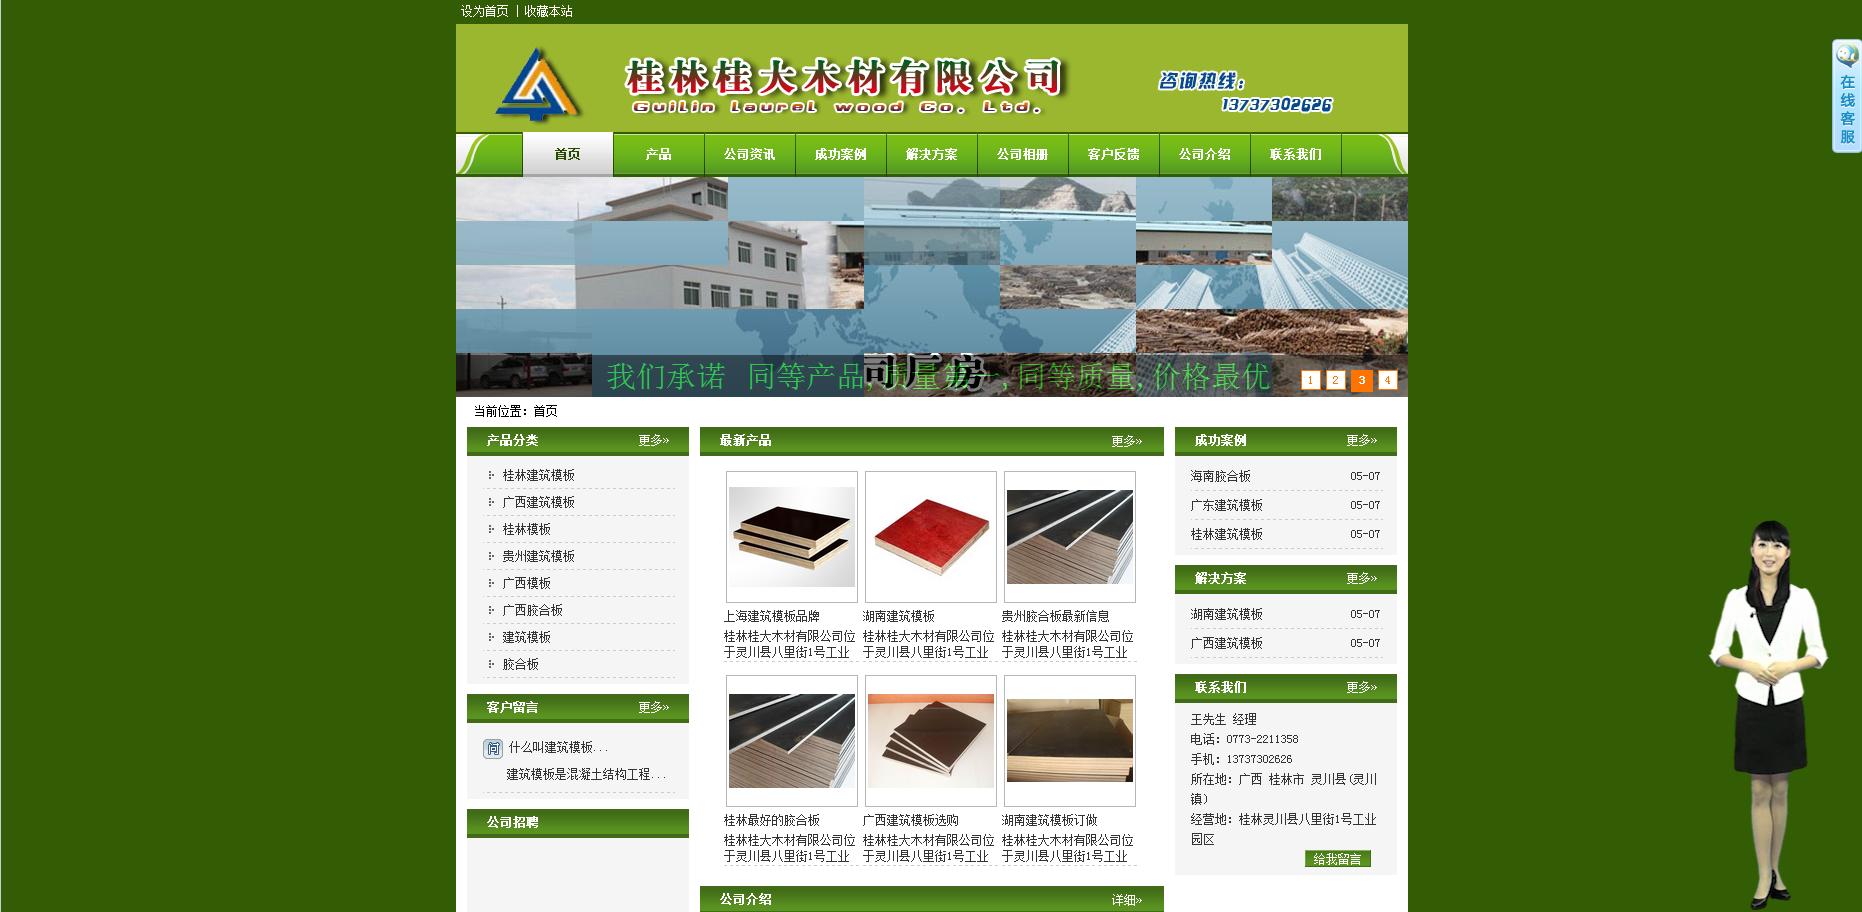 同时涉及到石材,陶瓷,鞋业,建材,化工等行业.